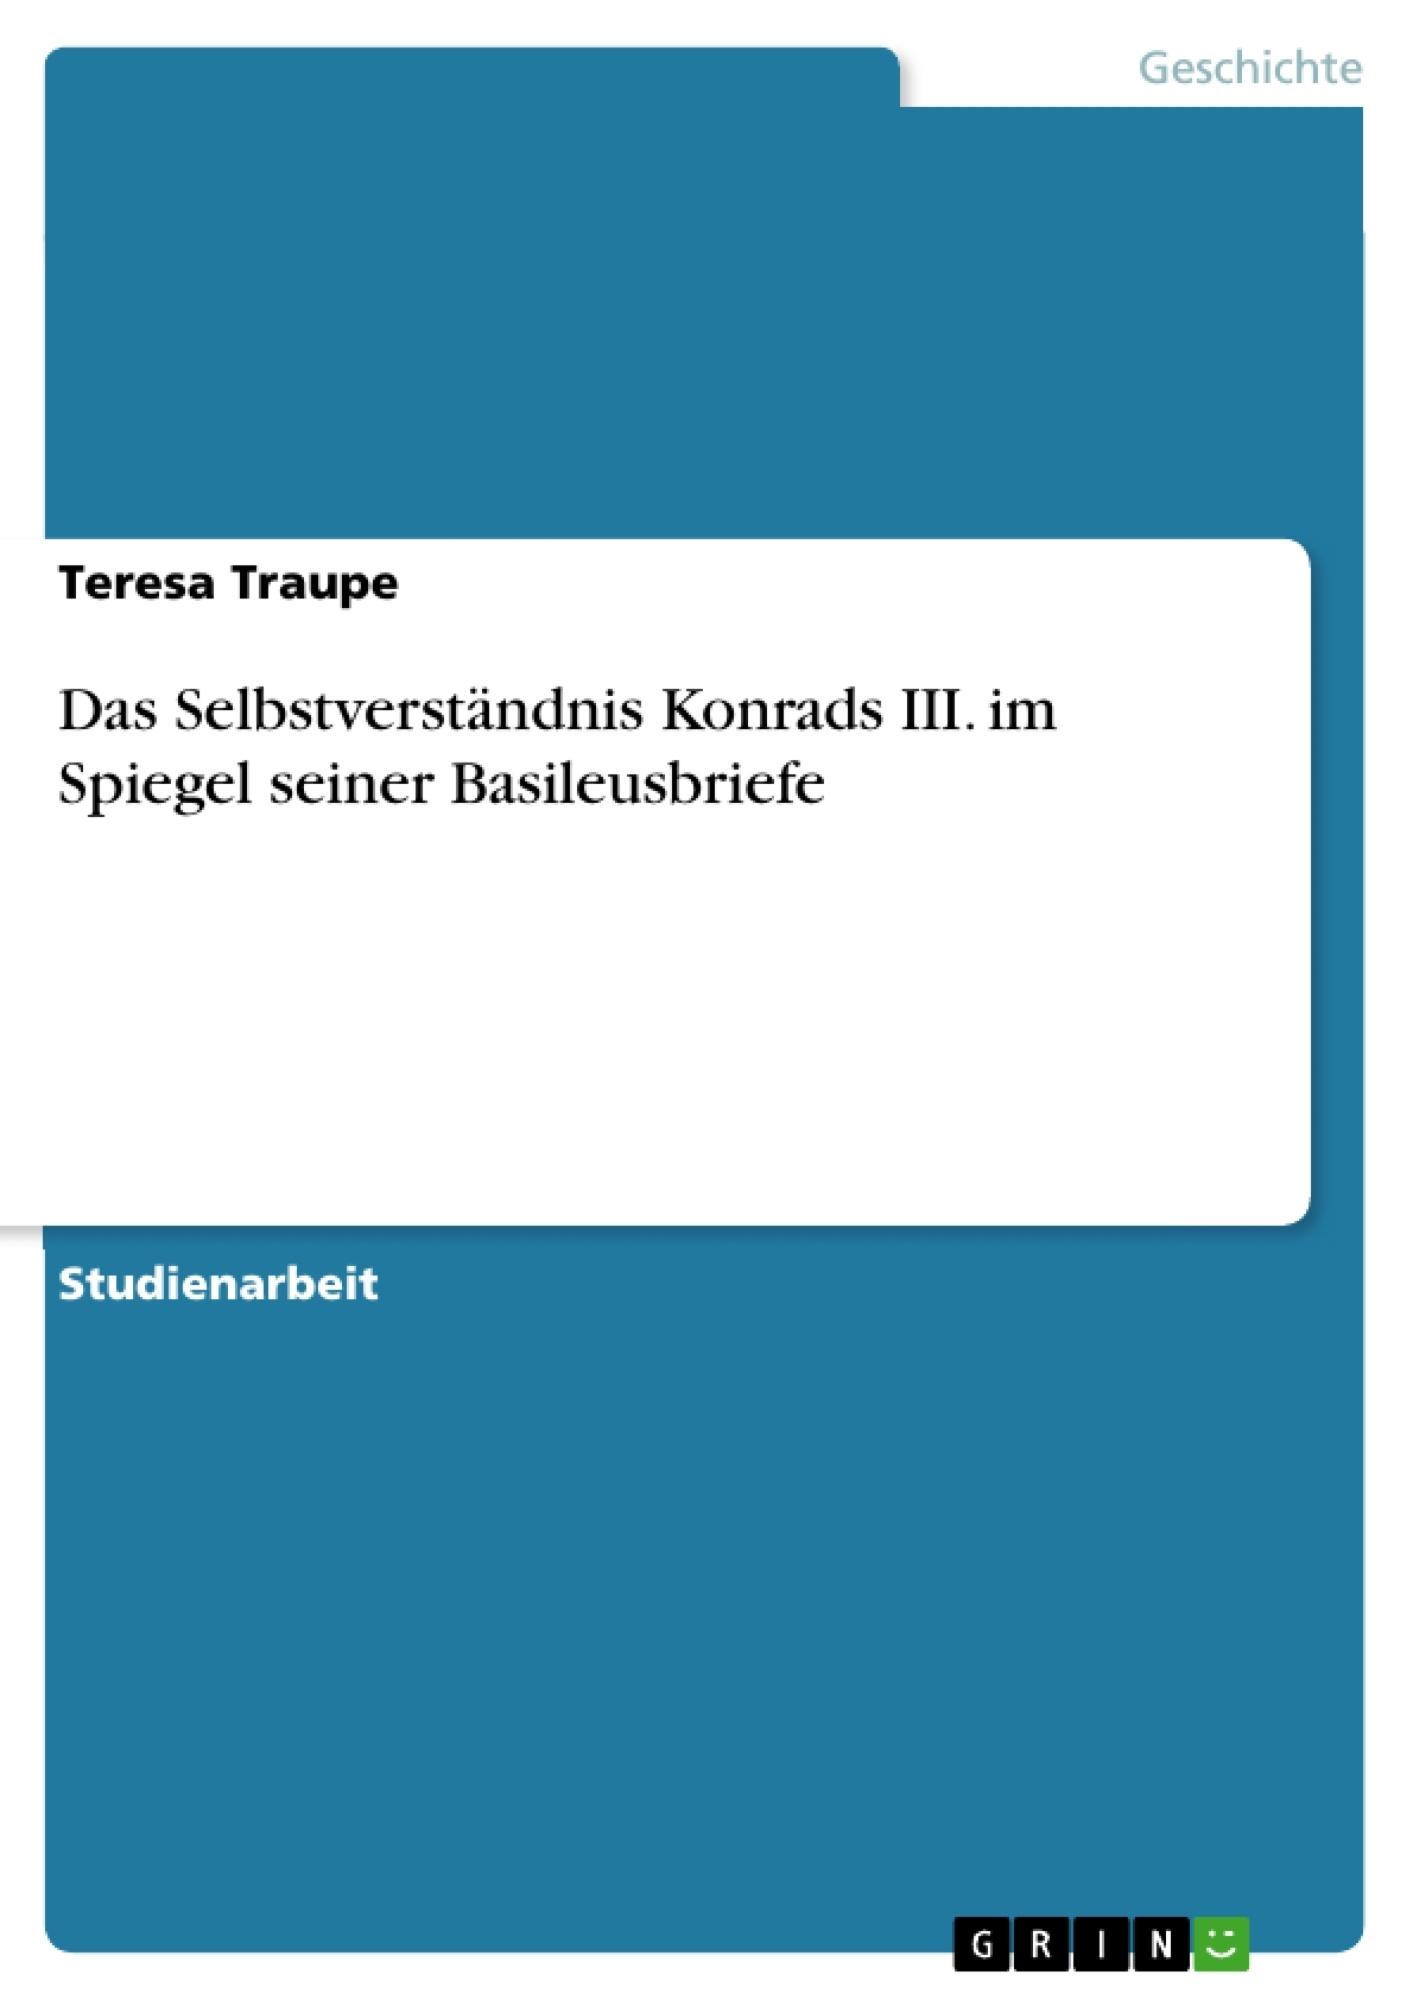 Titel: Das Selbstverständnis Konrads III. im Spiegel seiner Basileusbriefe